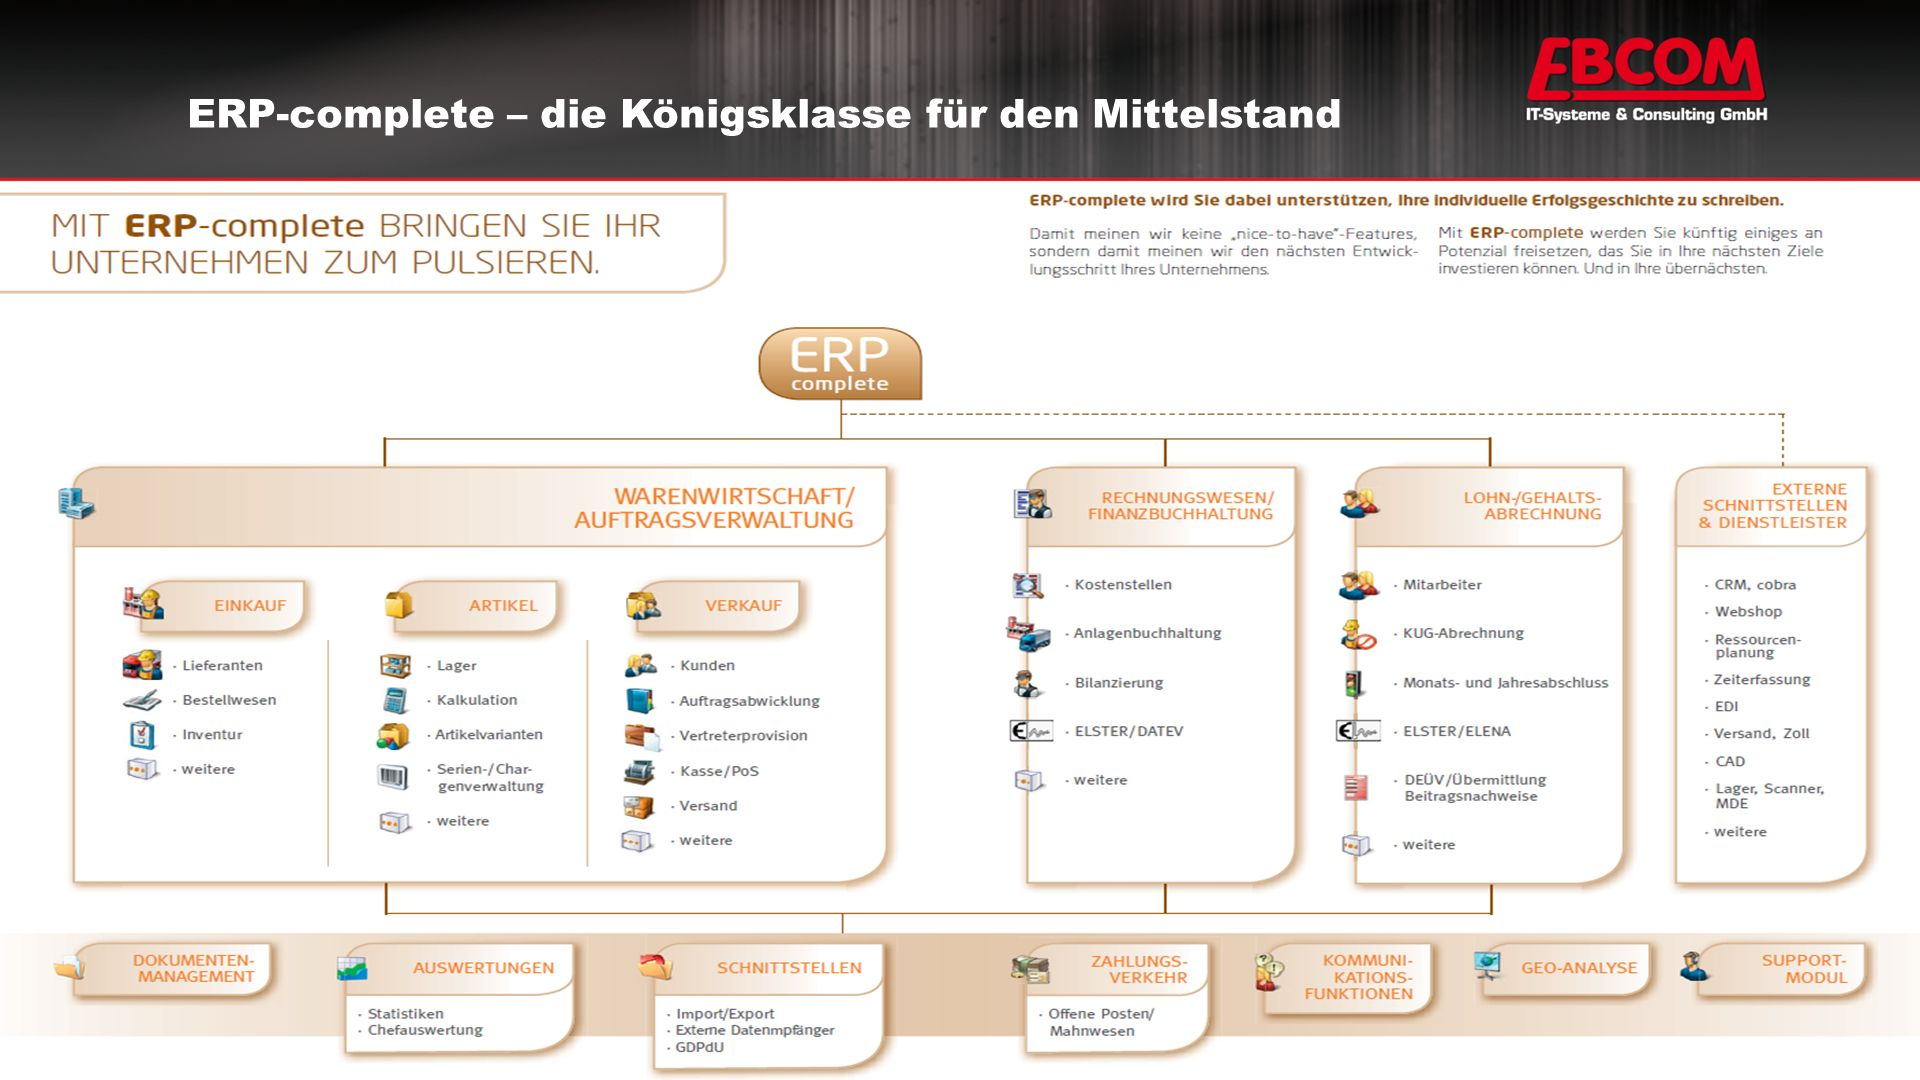 ERP-complete – die Königsklasse für den Mittelstand